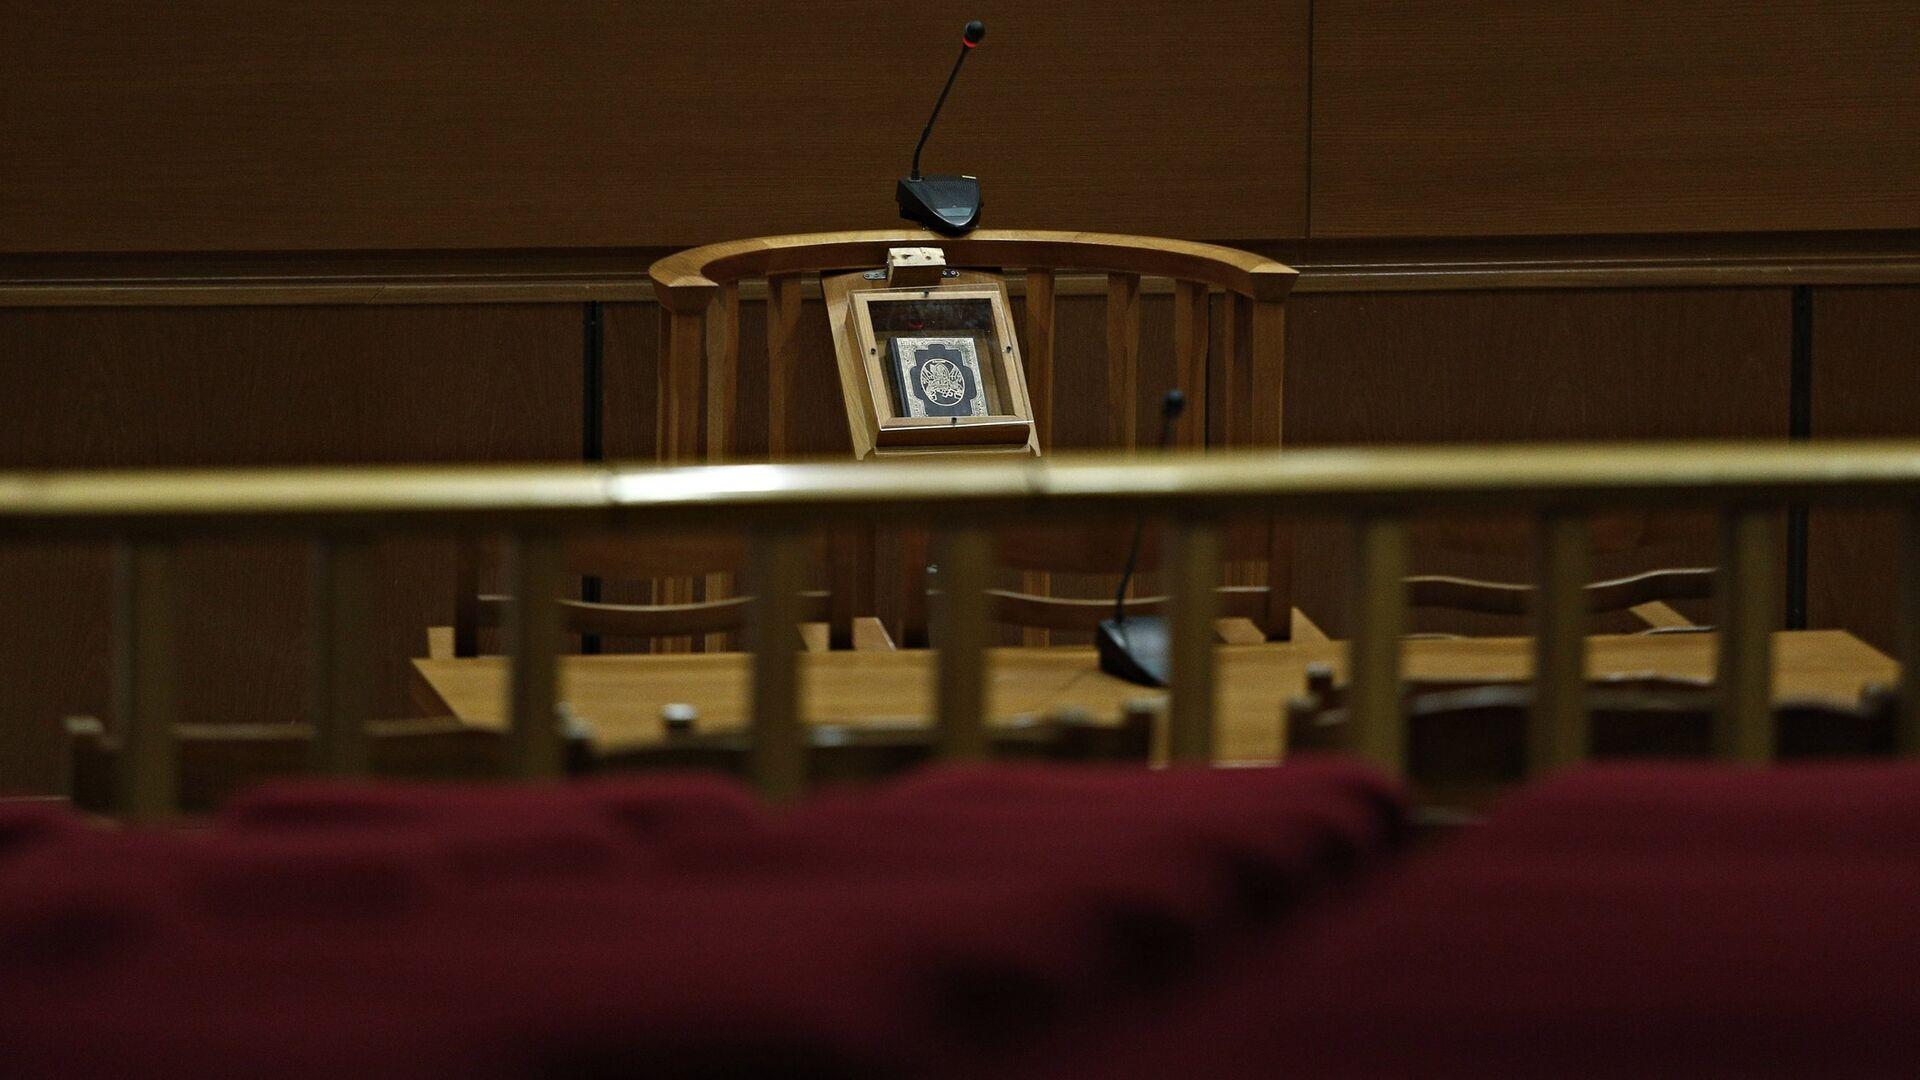 Δικαστική αίθουσα  - Sputnik Ελλάδα, 1920, 28.09.2021